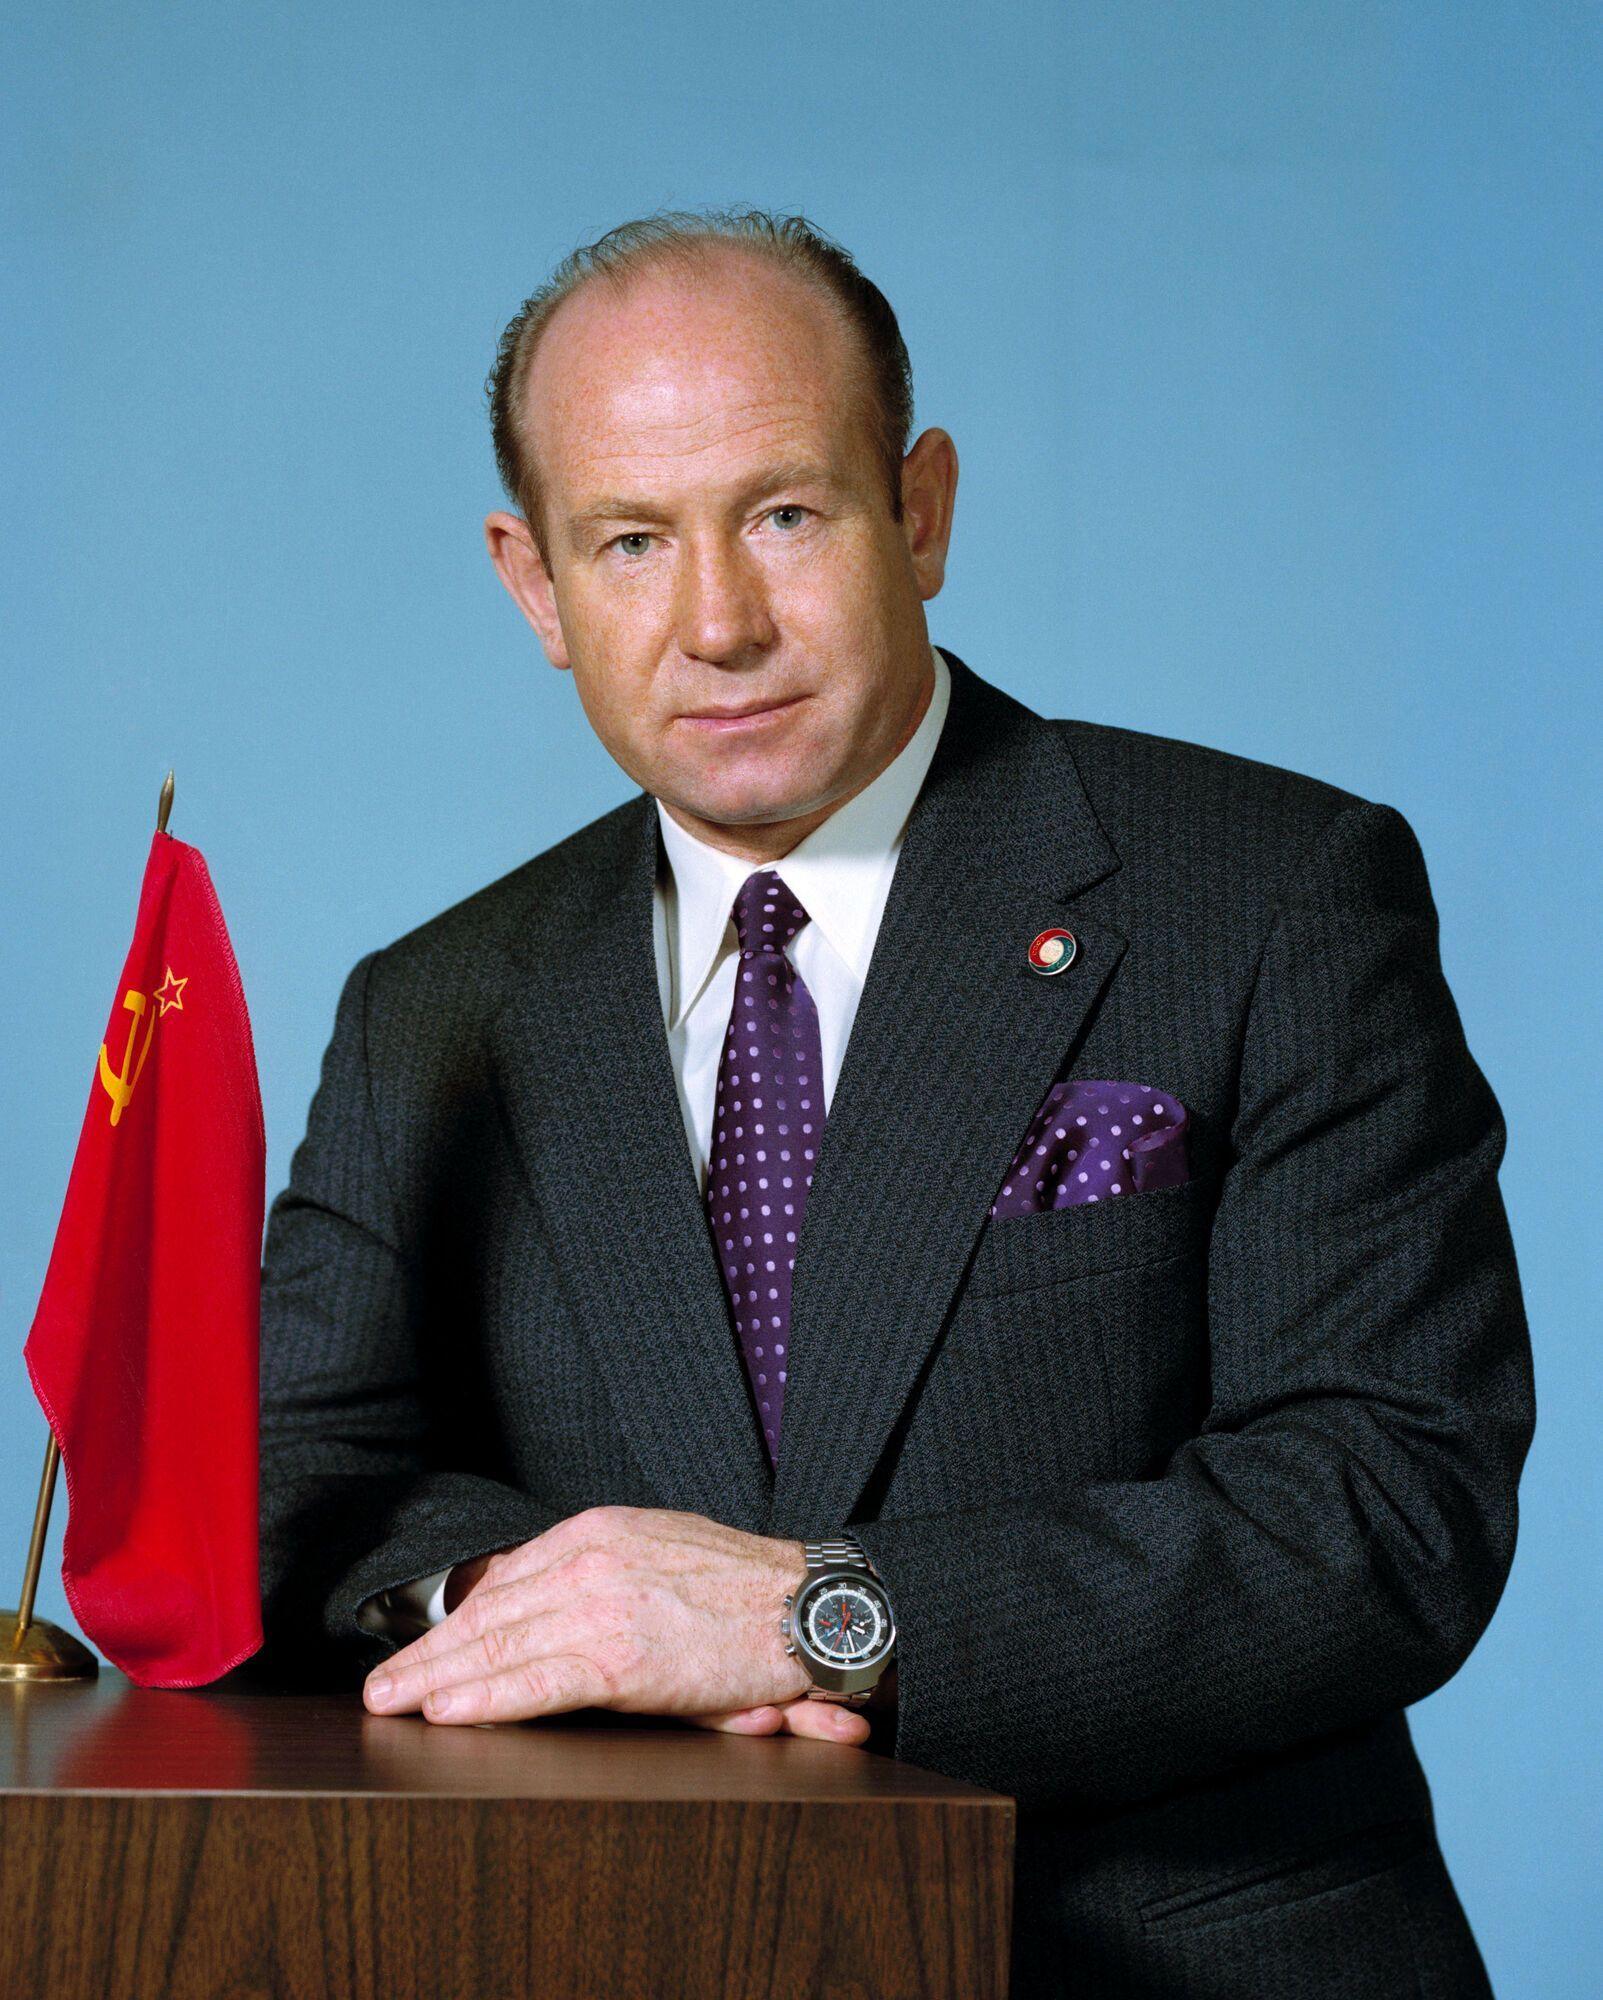 За перший вихід у космос Олексій Леонов 23 отримав звання Героя Радянського Союзу